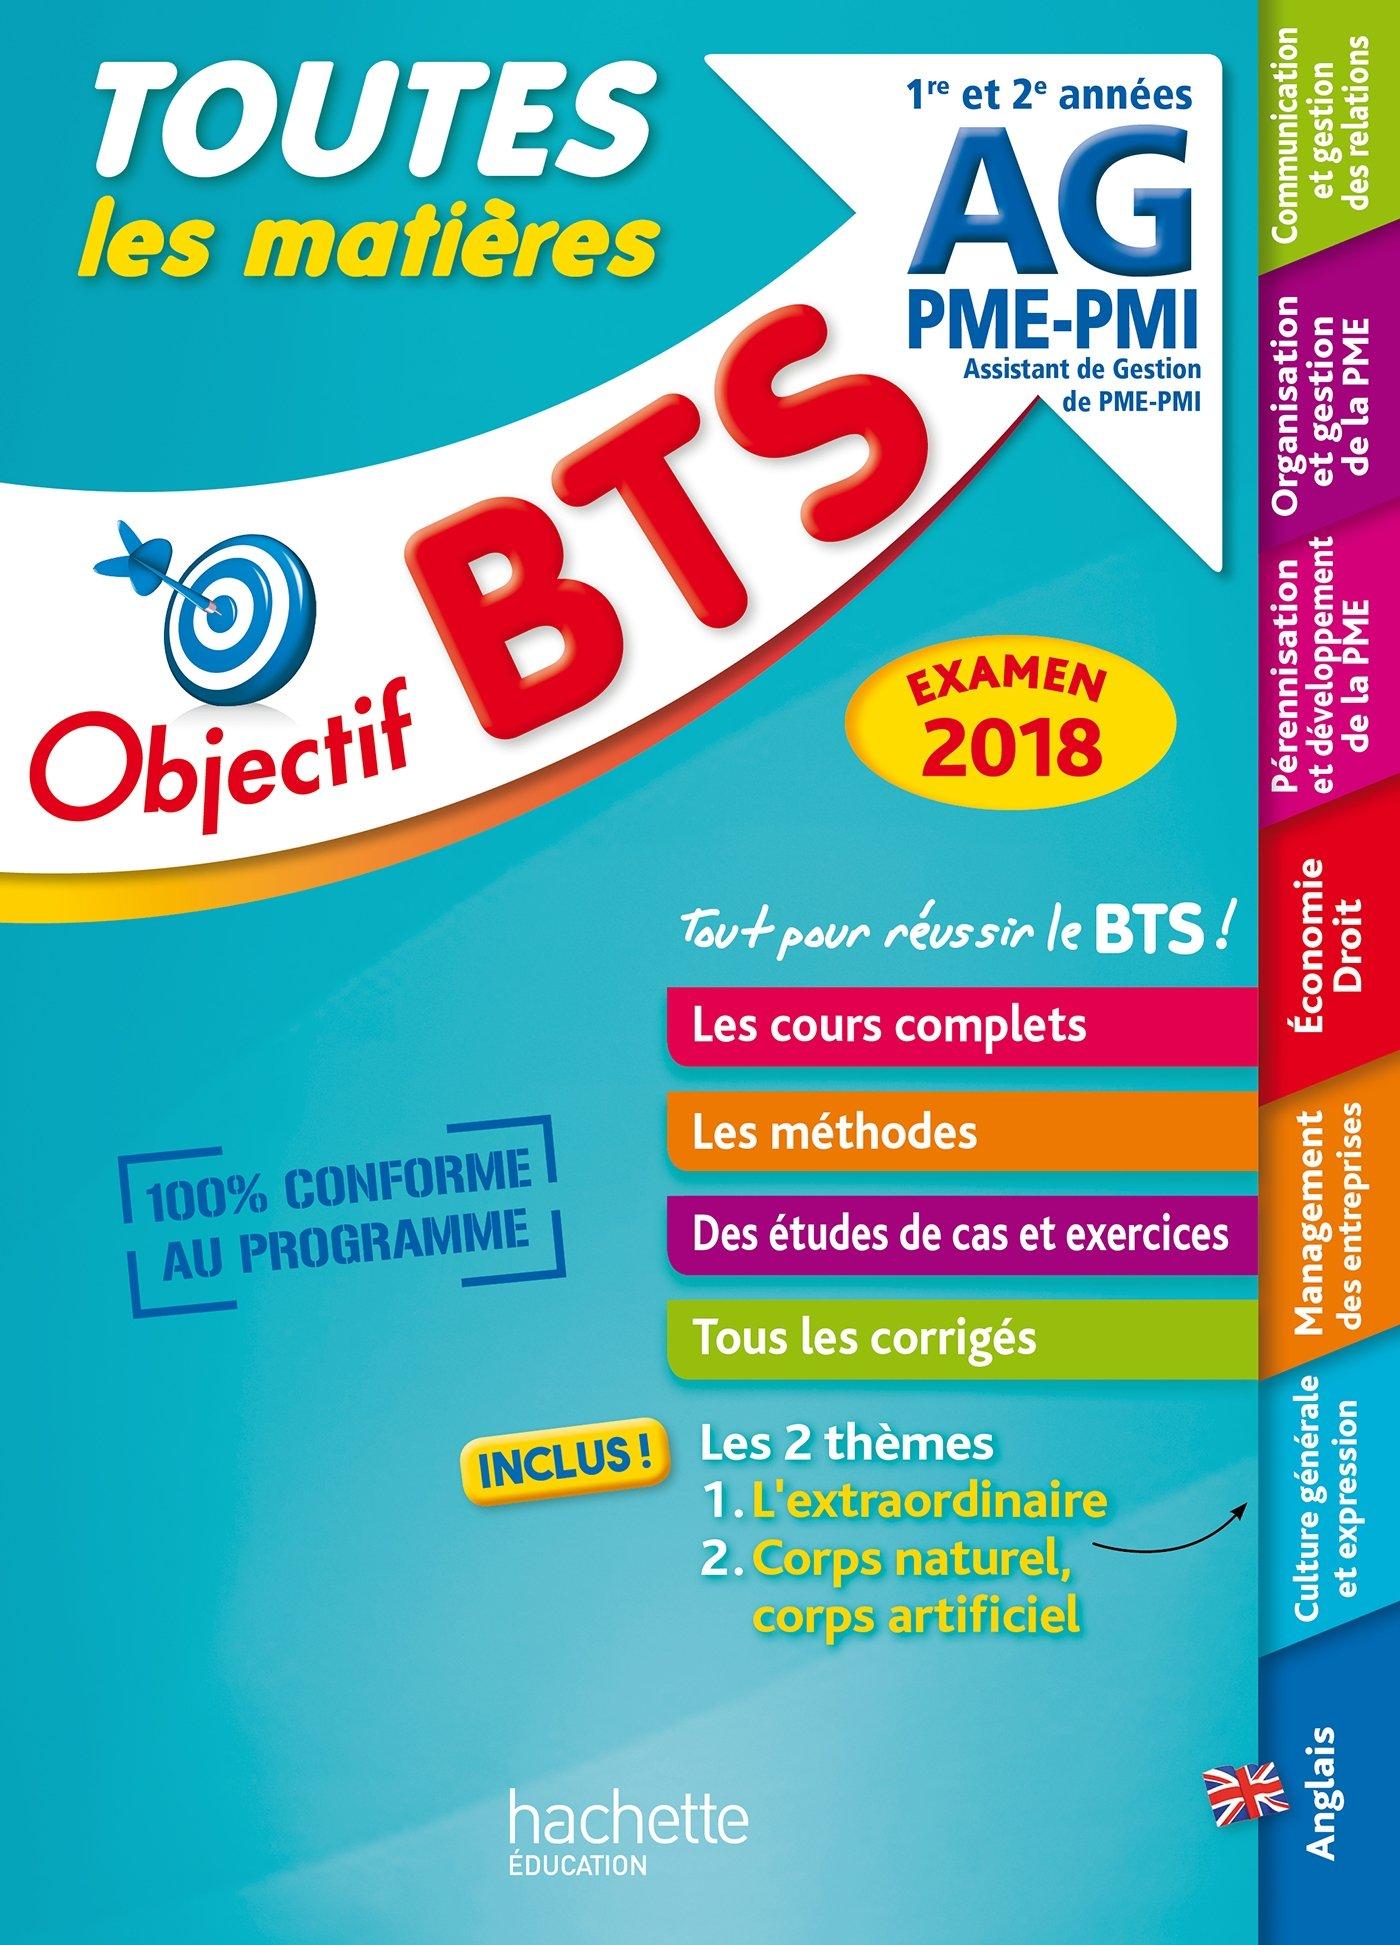 Objectif BTS Le tout en un BTS AG PME-PMI Examen 2018 Broché – 28 juin 2017 Collectif Hachette Éducation 2017011142 STUDY AIDS / General